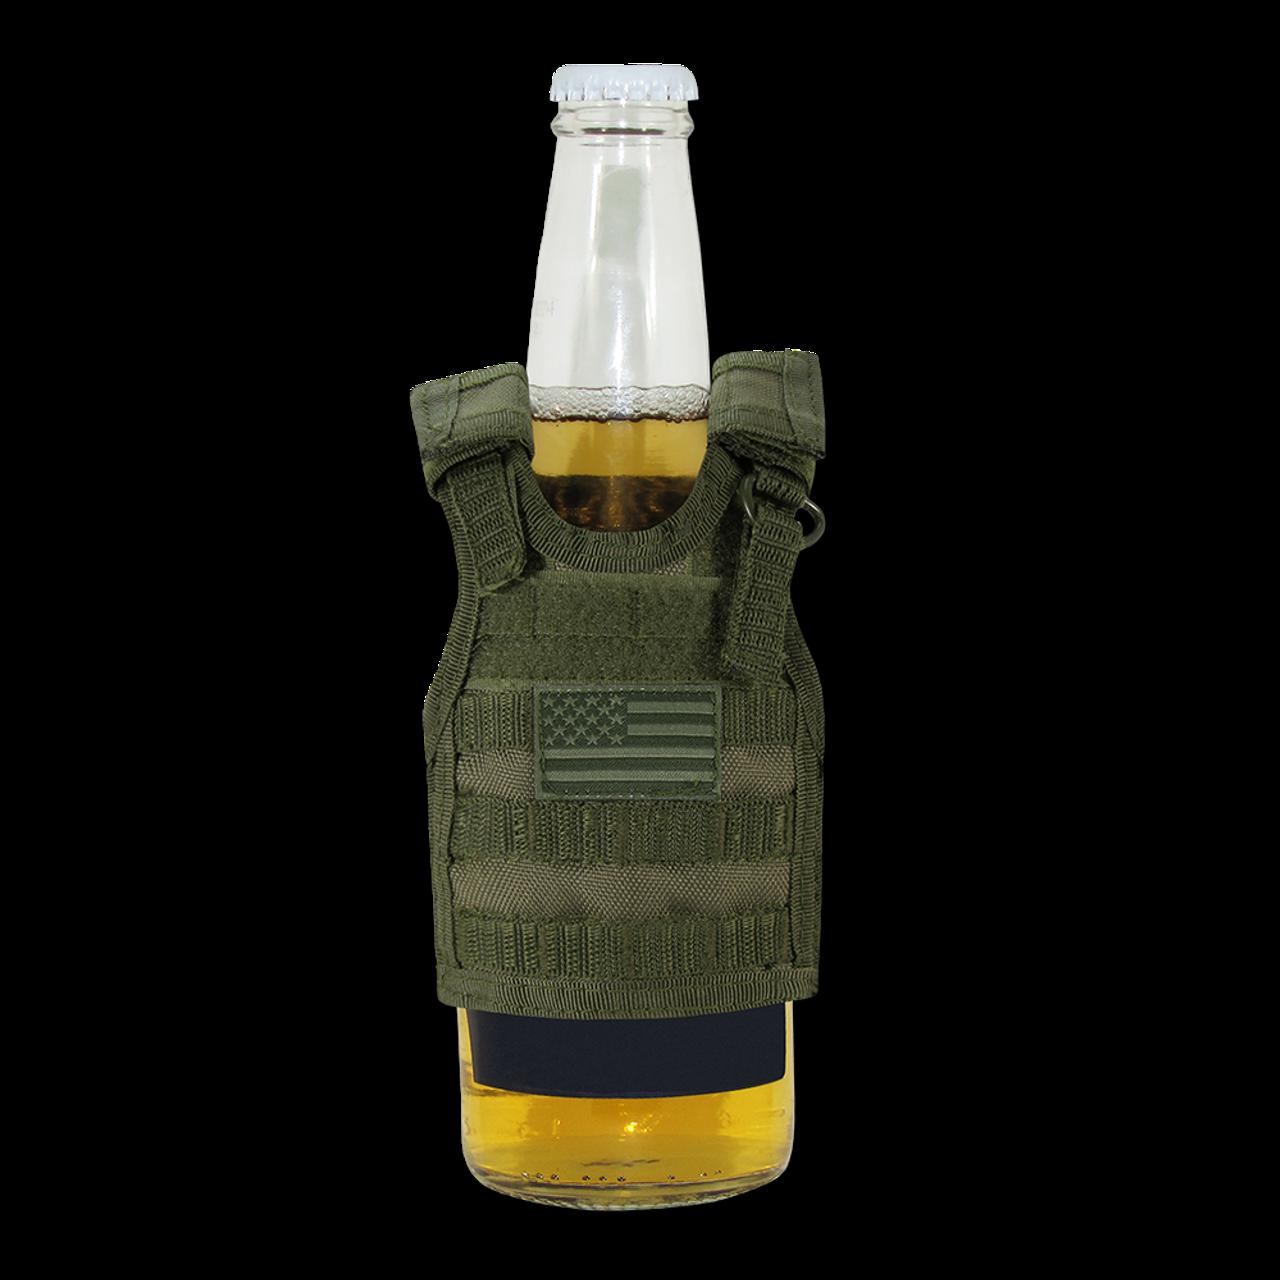 T99 - Tactical Mini Vest Bottle Koozie - USA Flag - Olive Drab -  USMILITARYHATS.COM af7130fe2fe